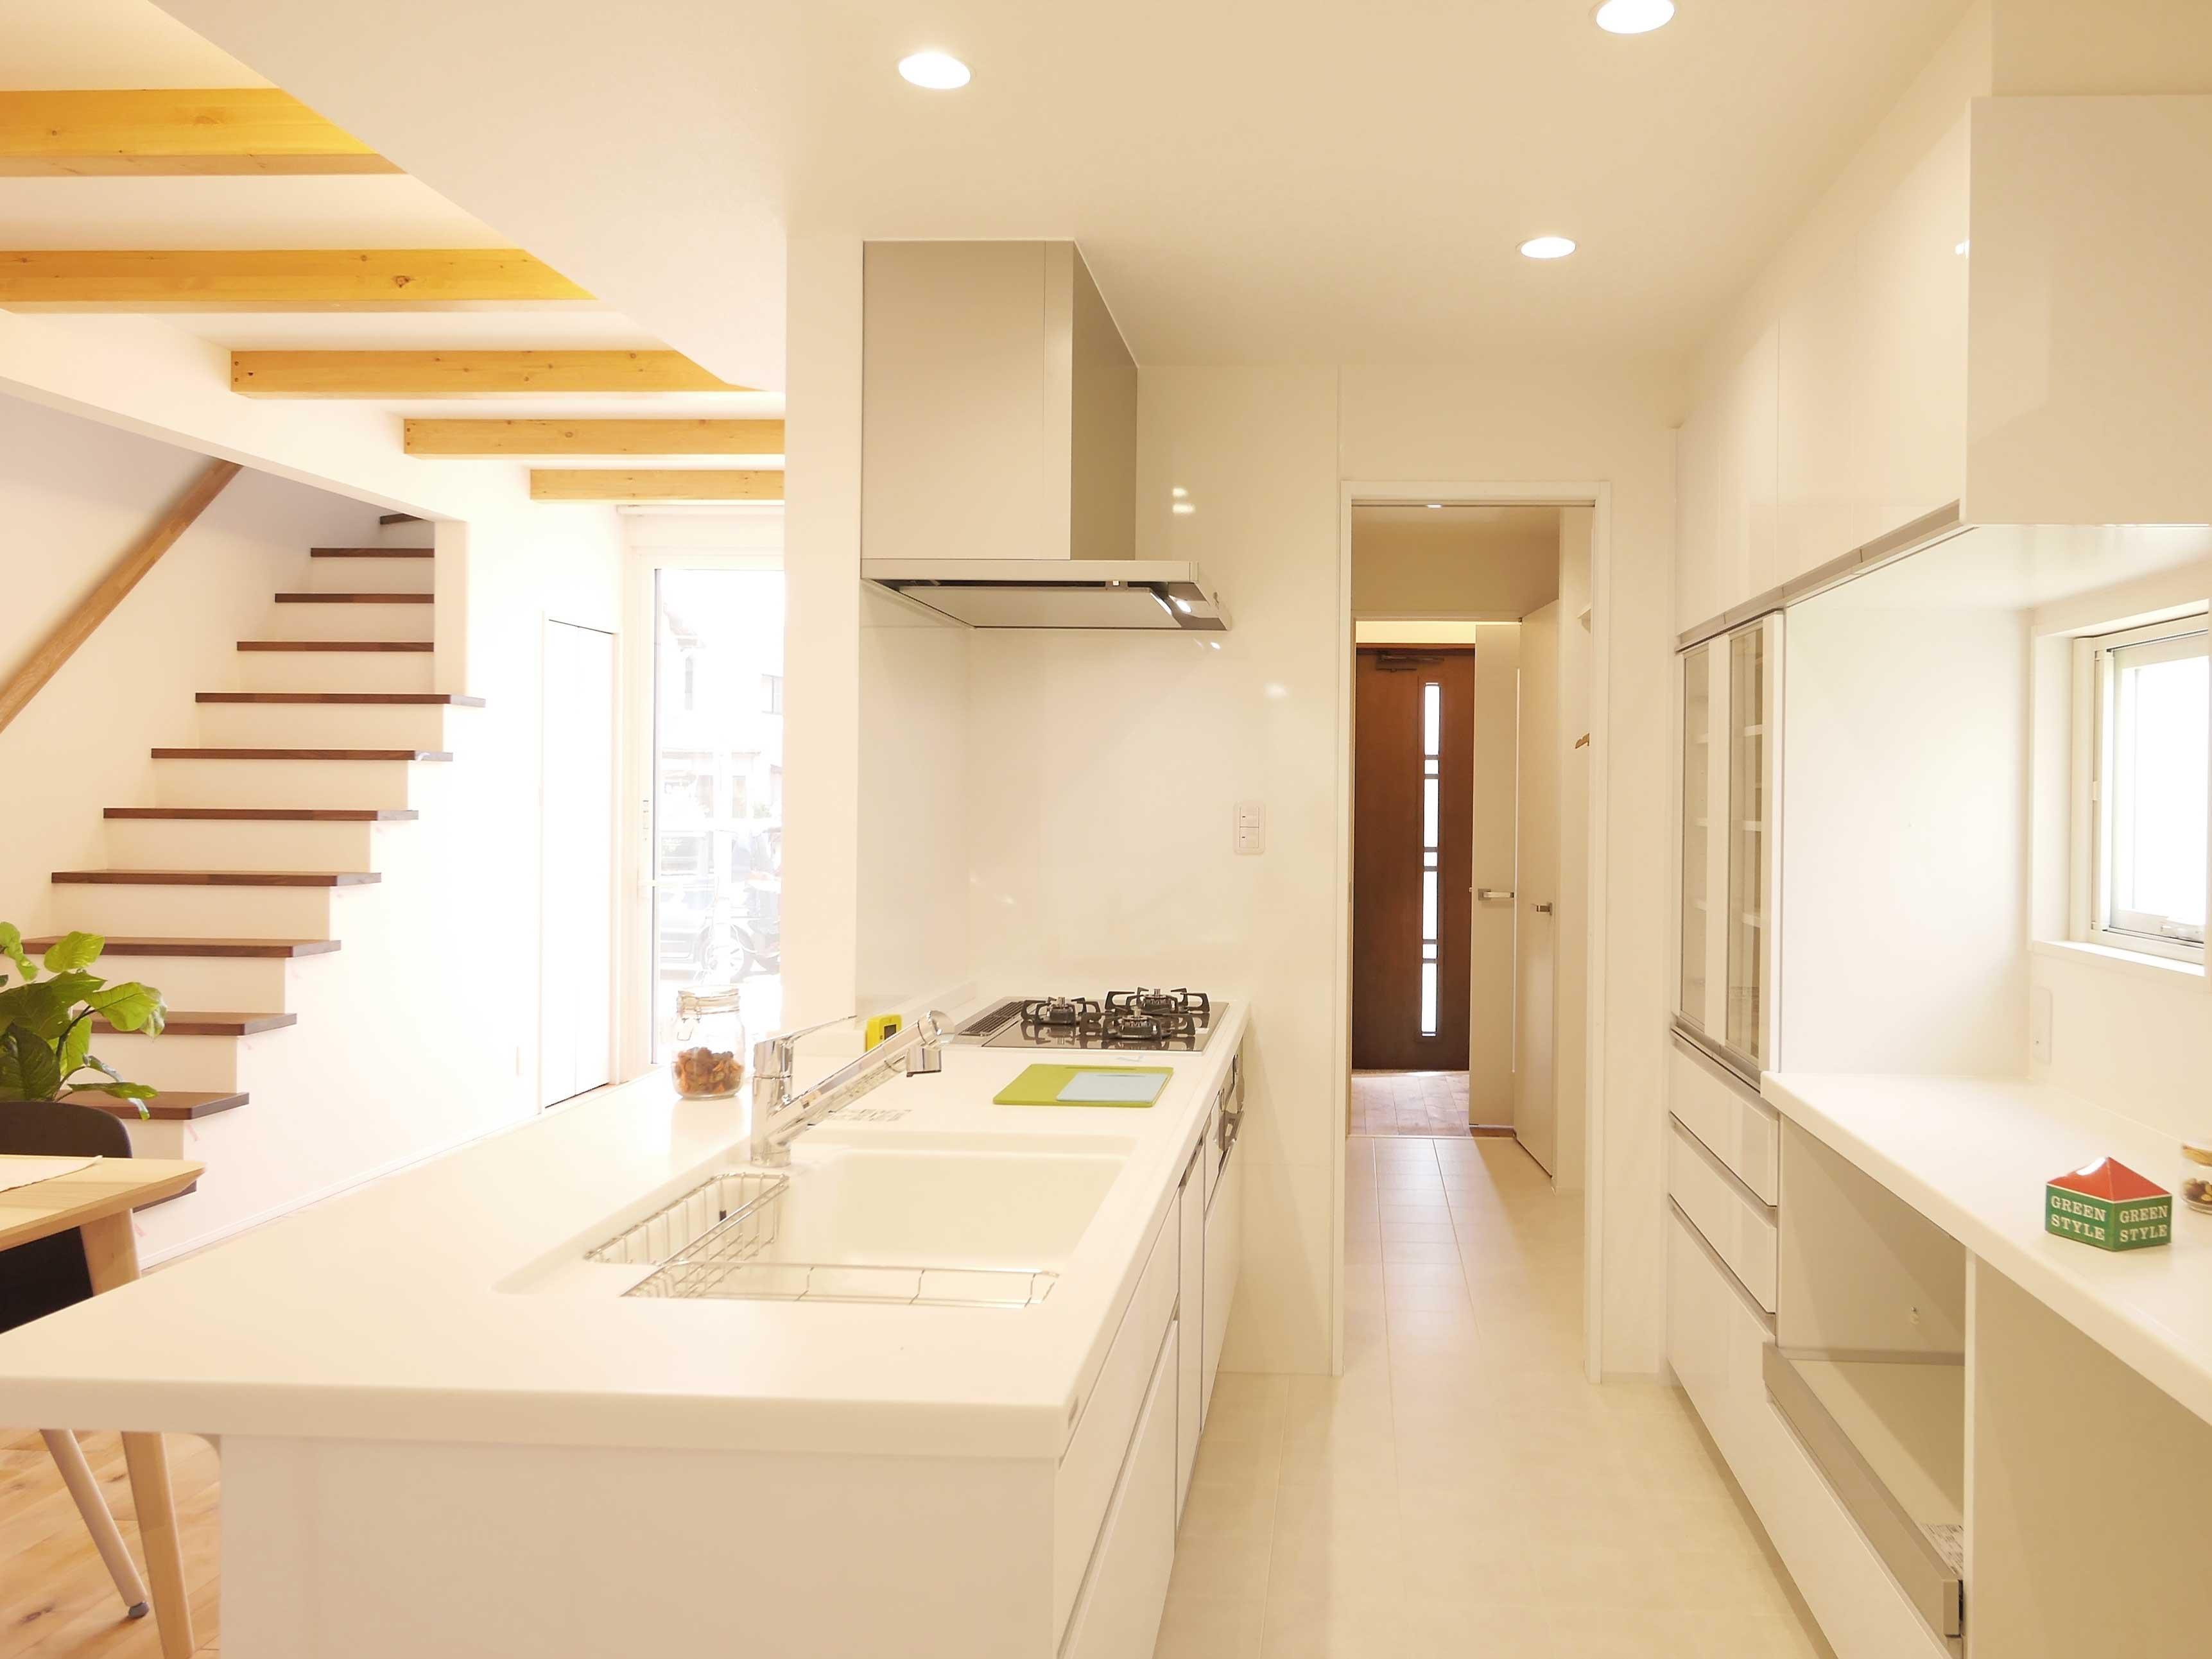 グリーンスタイルの間口の狭さを活かした快適! ほそながな家。玄関から真っ直ぐキッチンに。お買い物の荷物をストレスフリーに運べます。